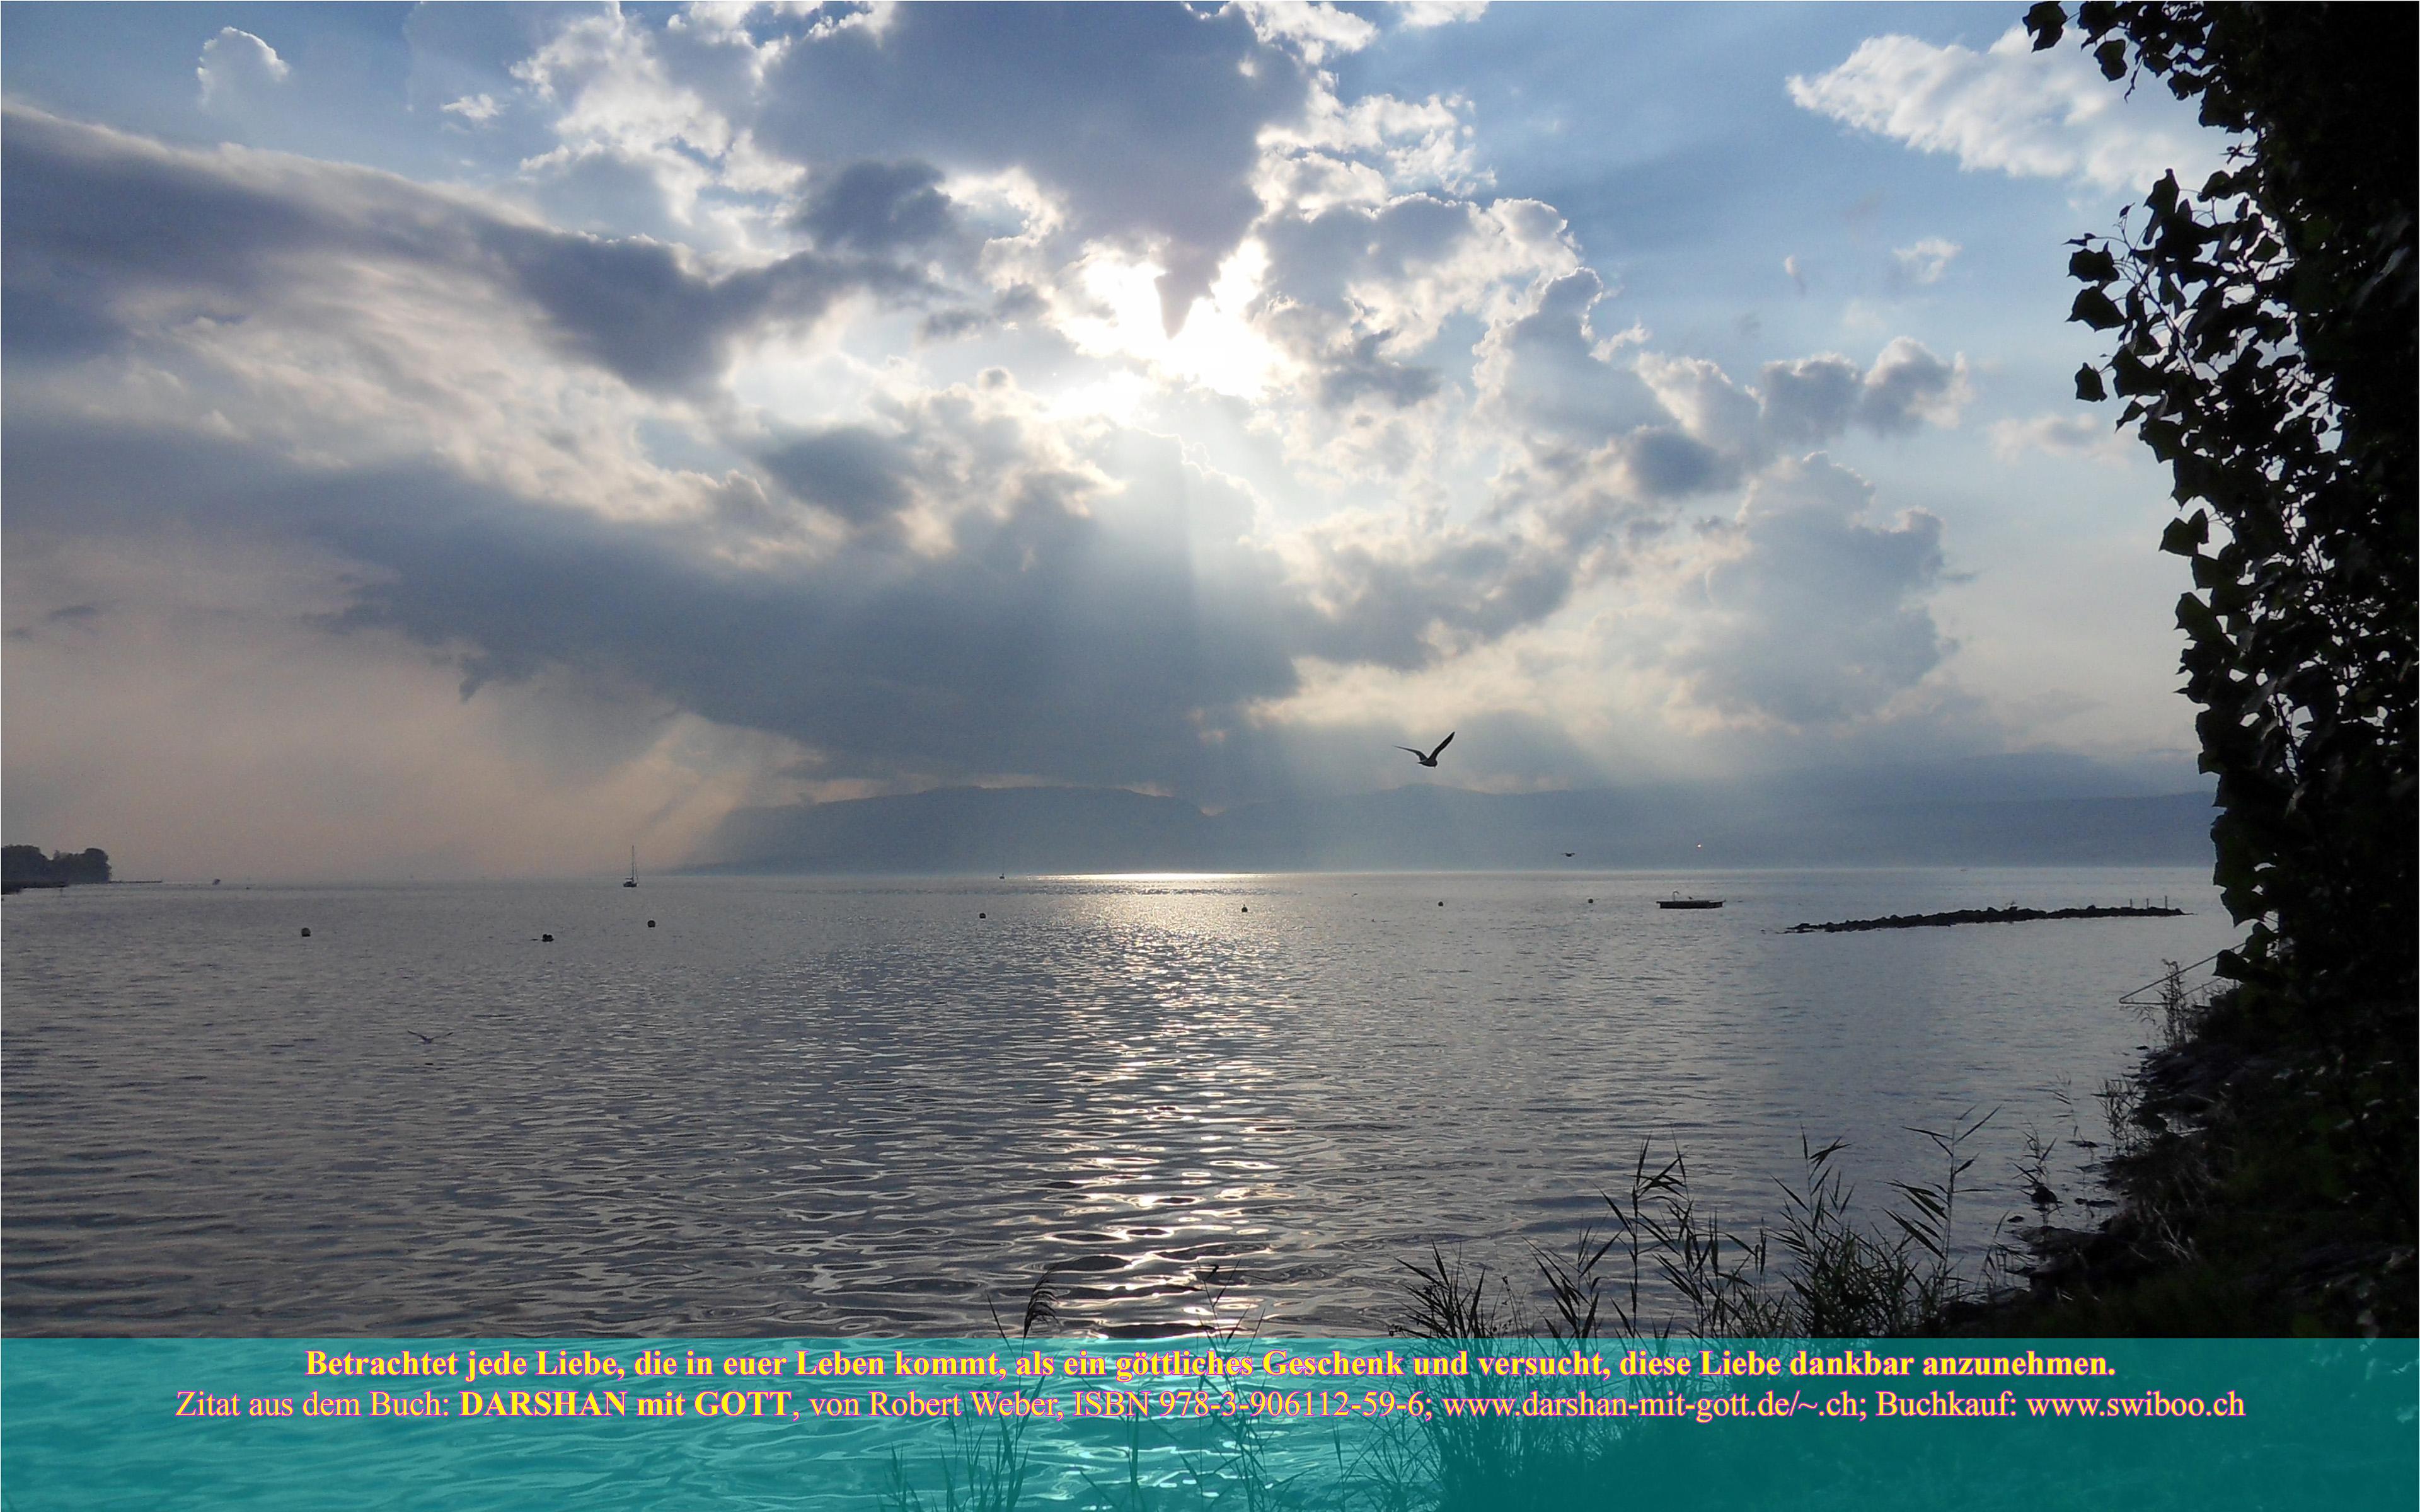 DARSHAN mit GOTT: Betrachtet jede Liebe ..., Neuenburgersee mit Wolkenhimmel